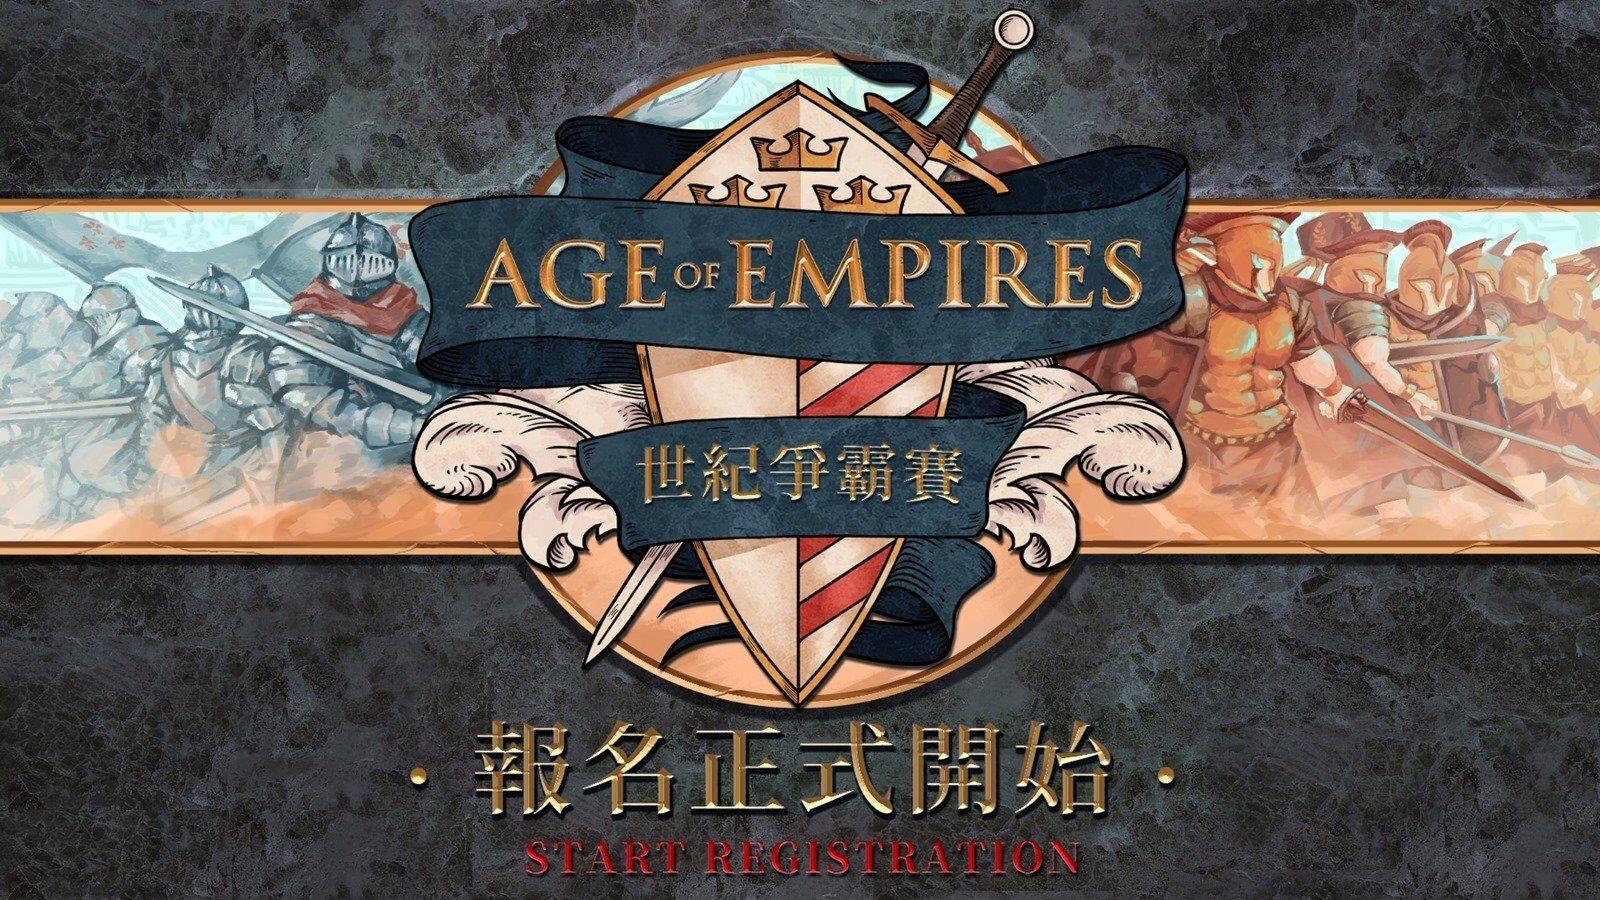 台灣微軟重啟《世紀帝國 2:決定版》世紀爭霸賽 8 月 27 日起正式開放報名 @3C 達人廖阿輝